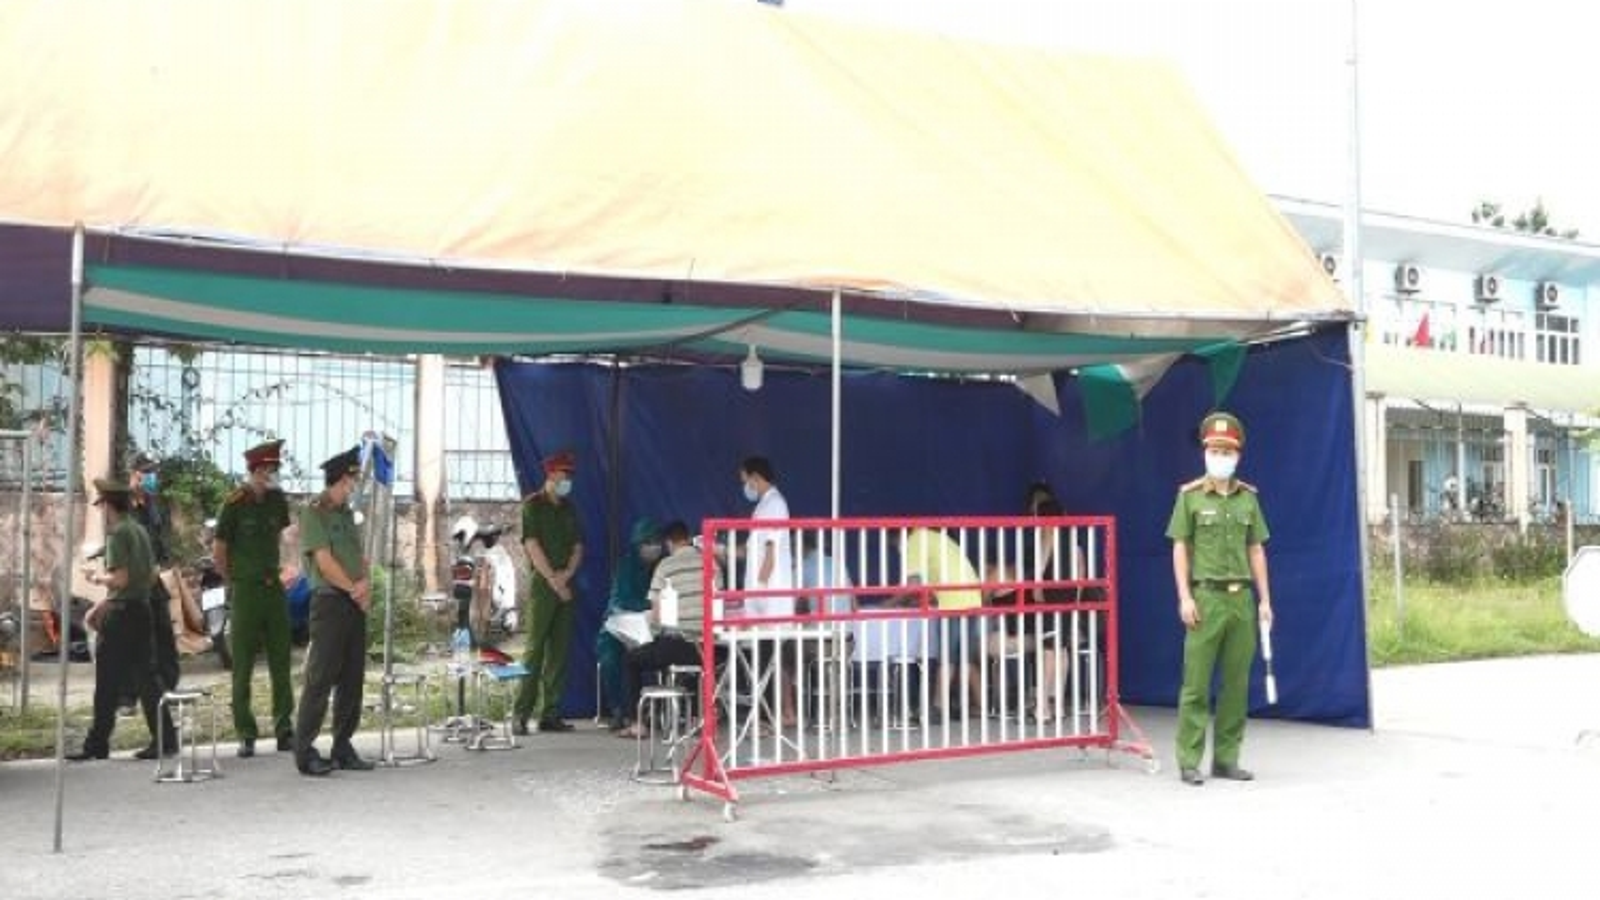 Huyện Văn Yên-Yên Bái thưởng 10 triệu cho ai tố giác người nhập cảnh trái phép